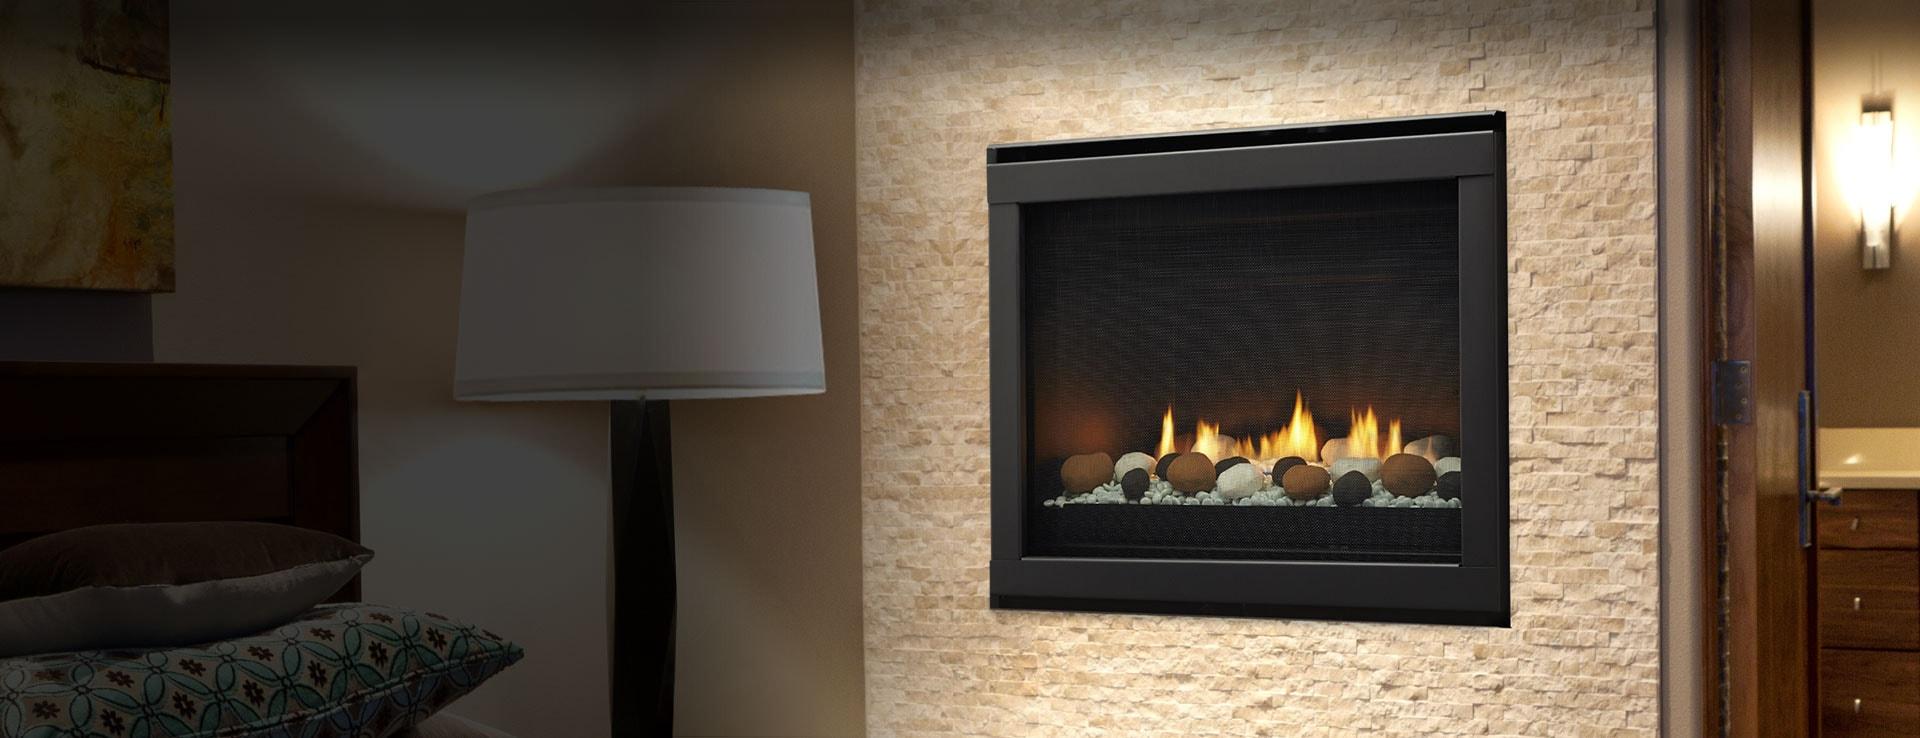 Heatilator Gas Fireplaces